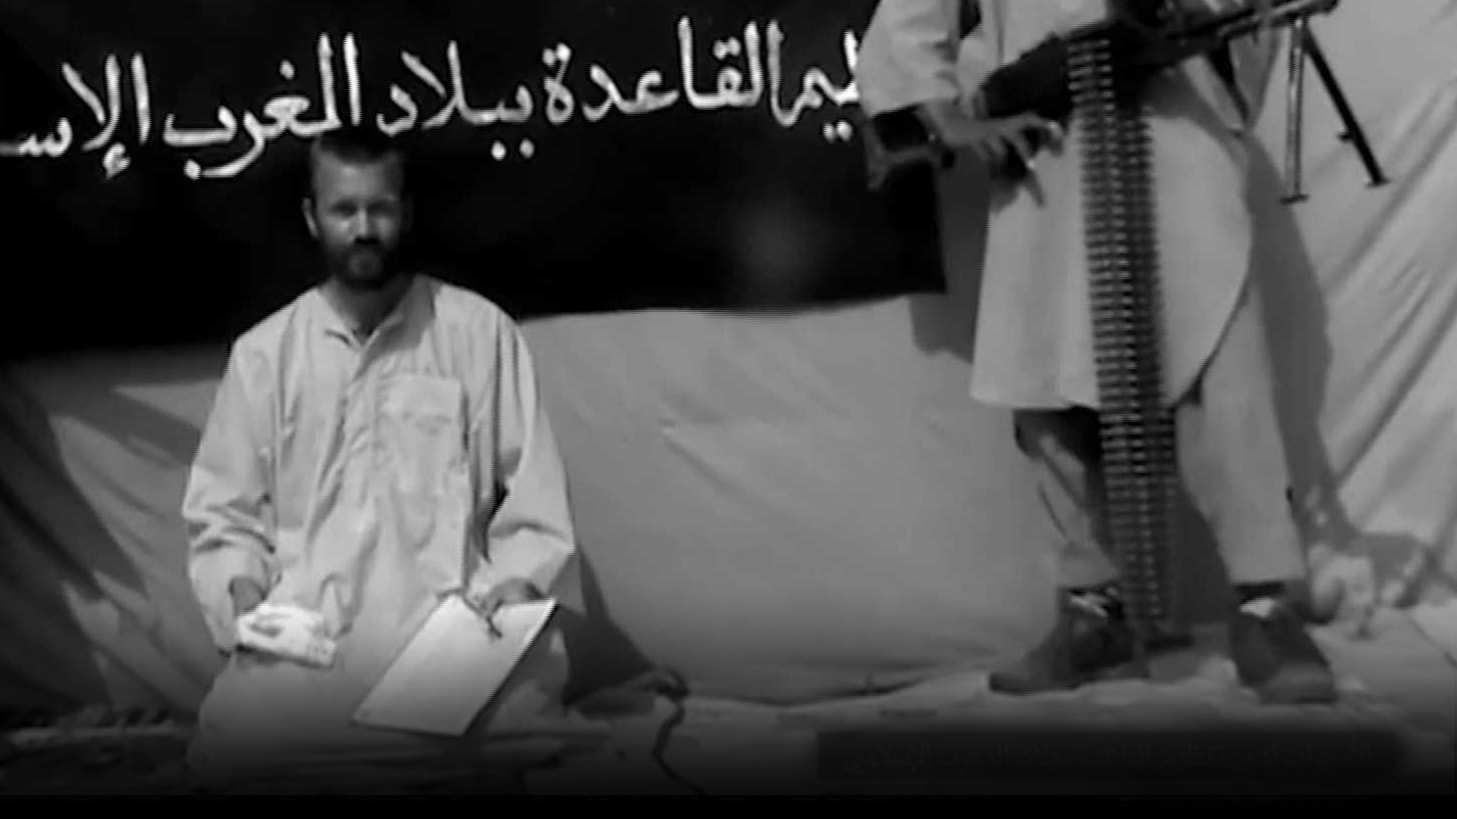 Del 2. Kidnappad av Al Qaida